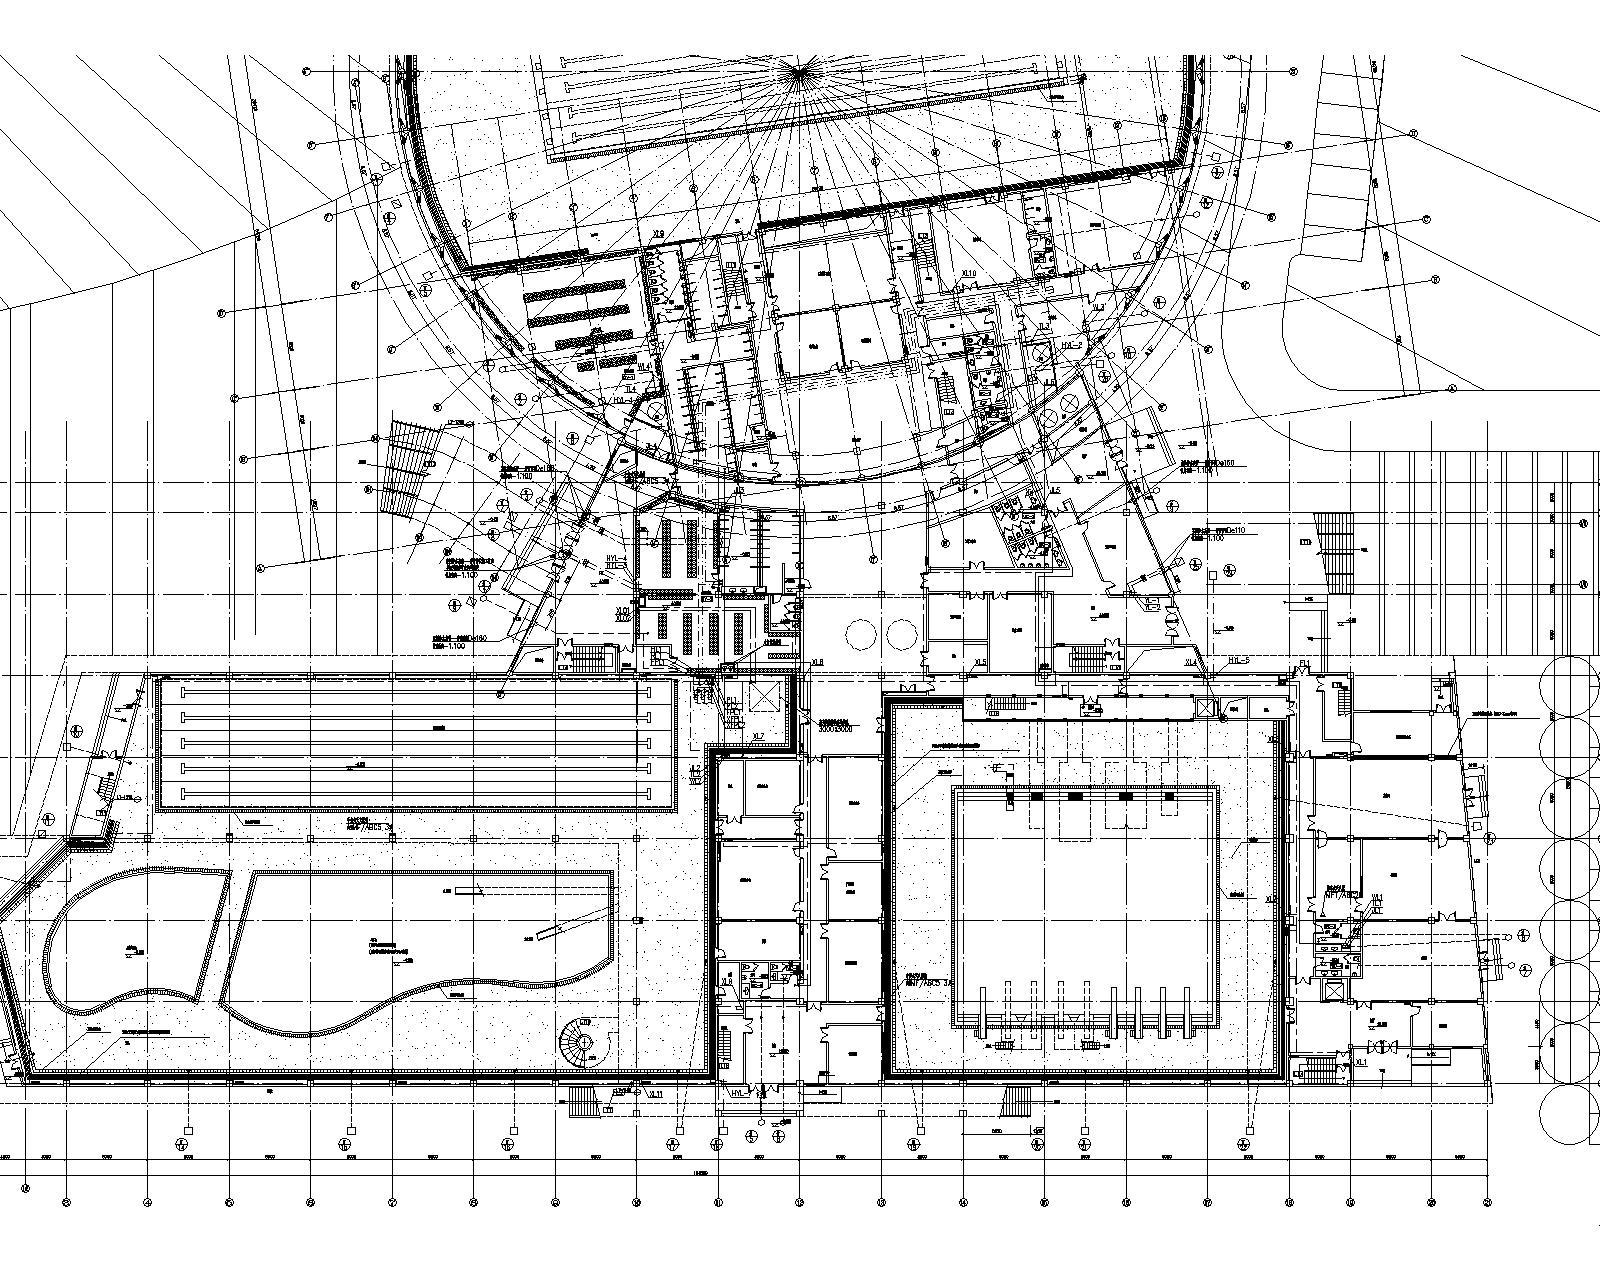 [江苏]连云港体育中心给排水设计全套系统设计(包括室内外给水排水、消防等管道系统及小型给水排水构筑物)_4